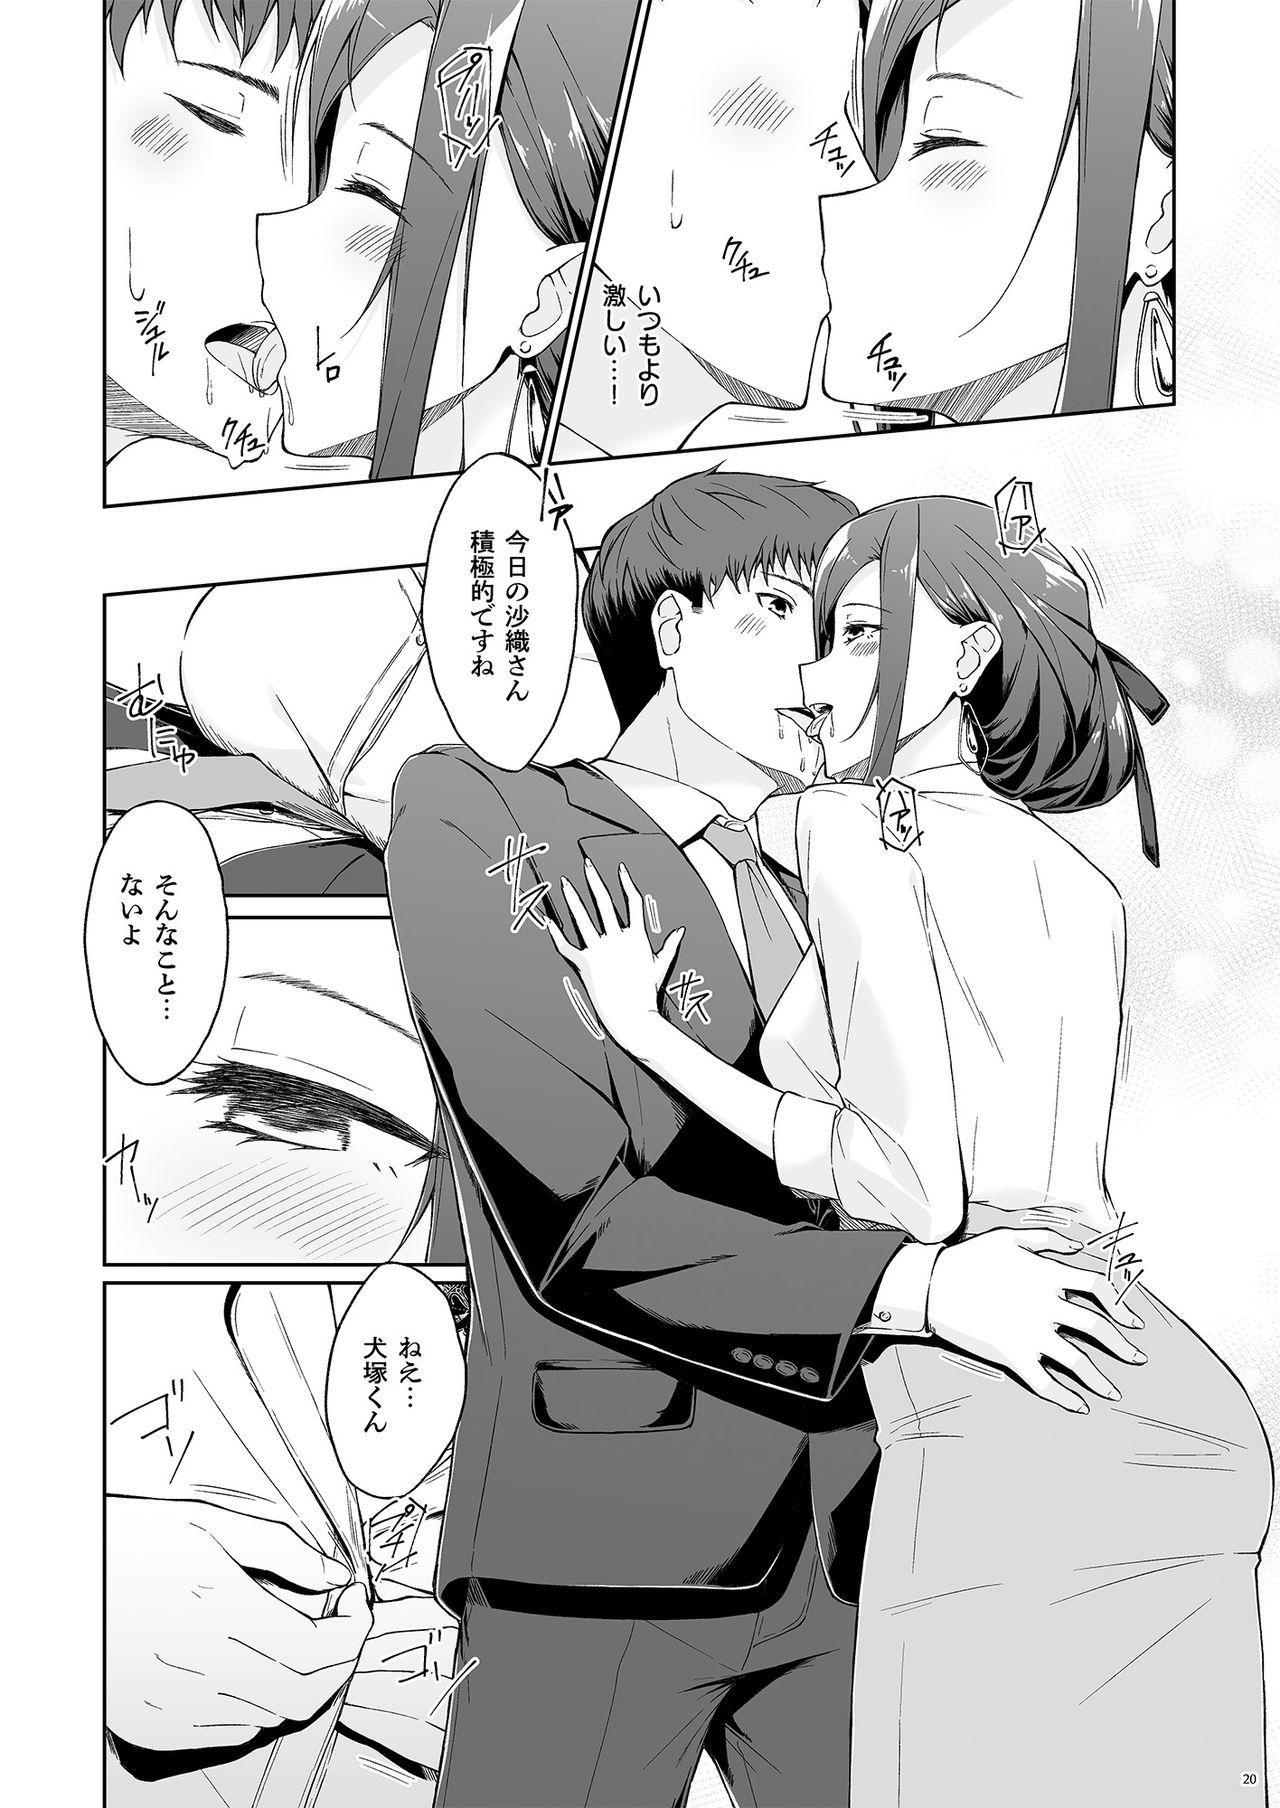 Kyuujitsu no Joushi ni wa, Kawaii Himitsu ga Aru. 2 17